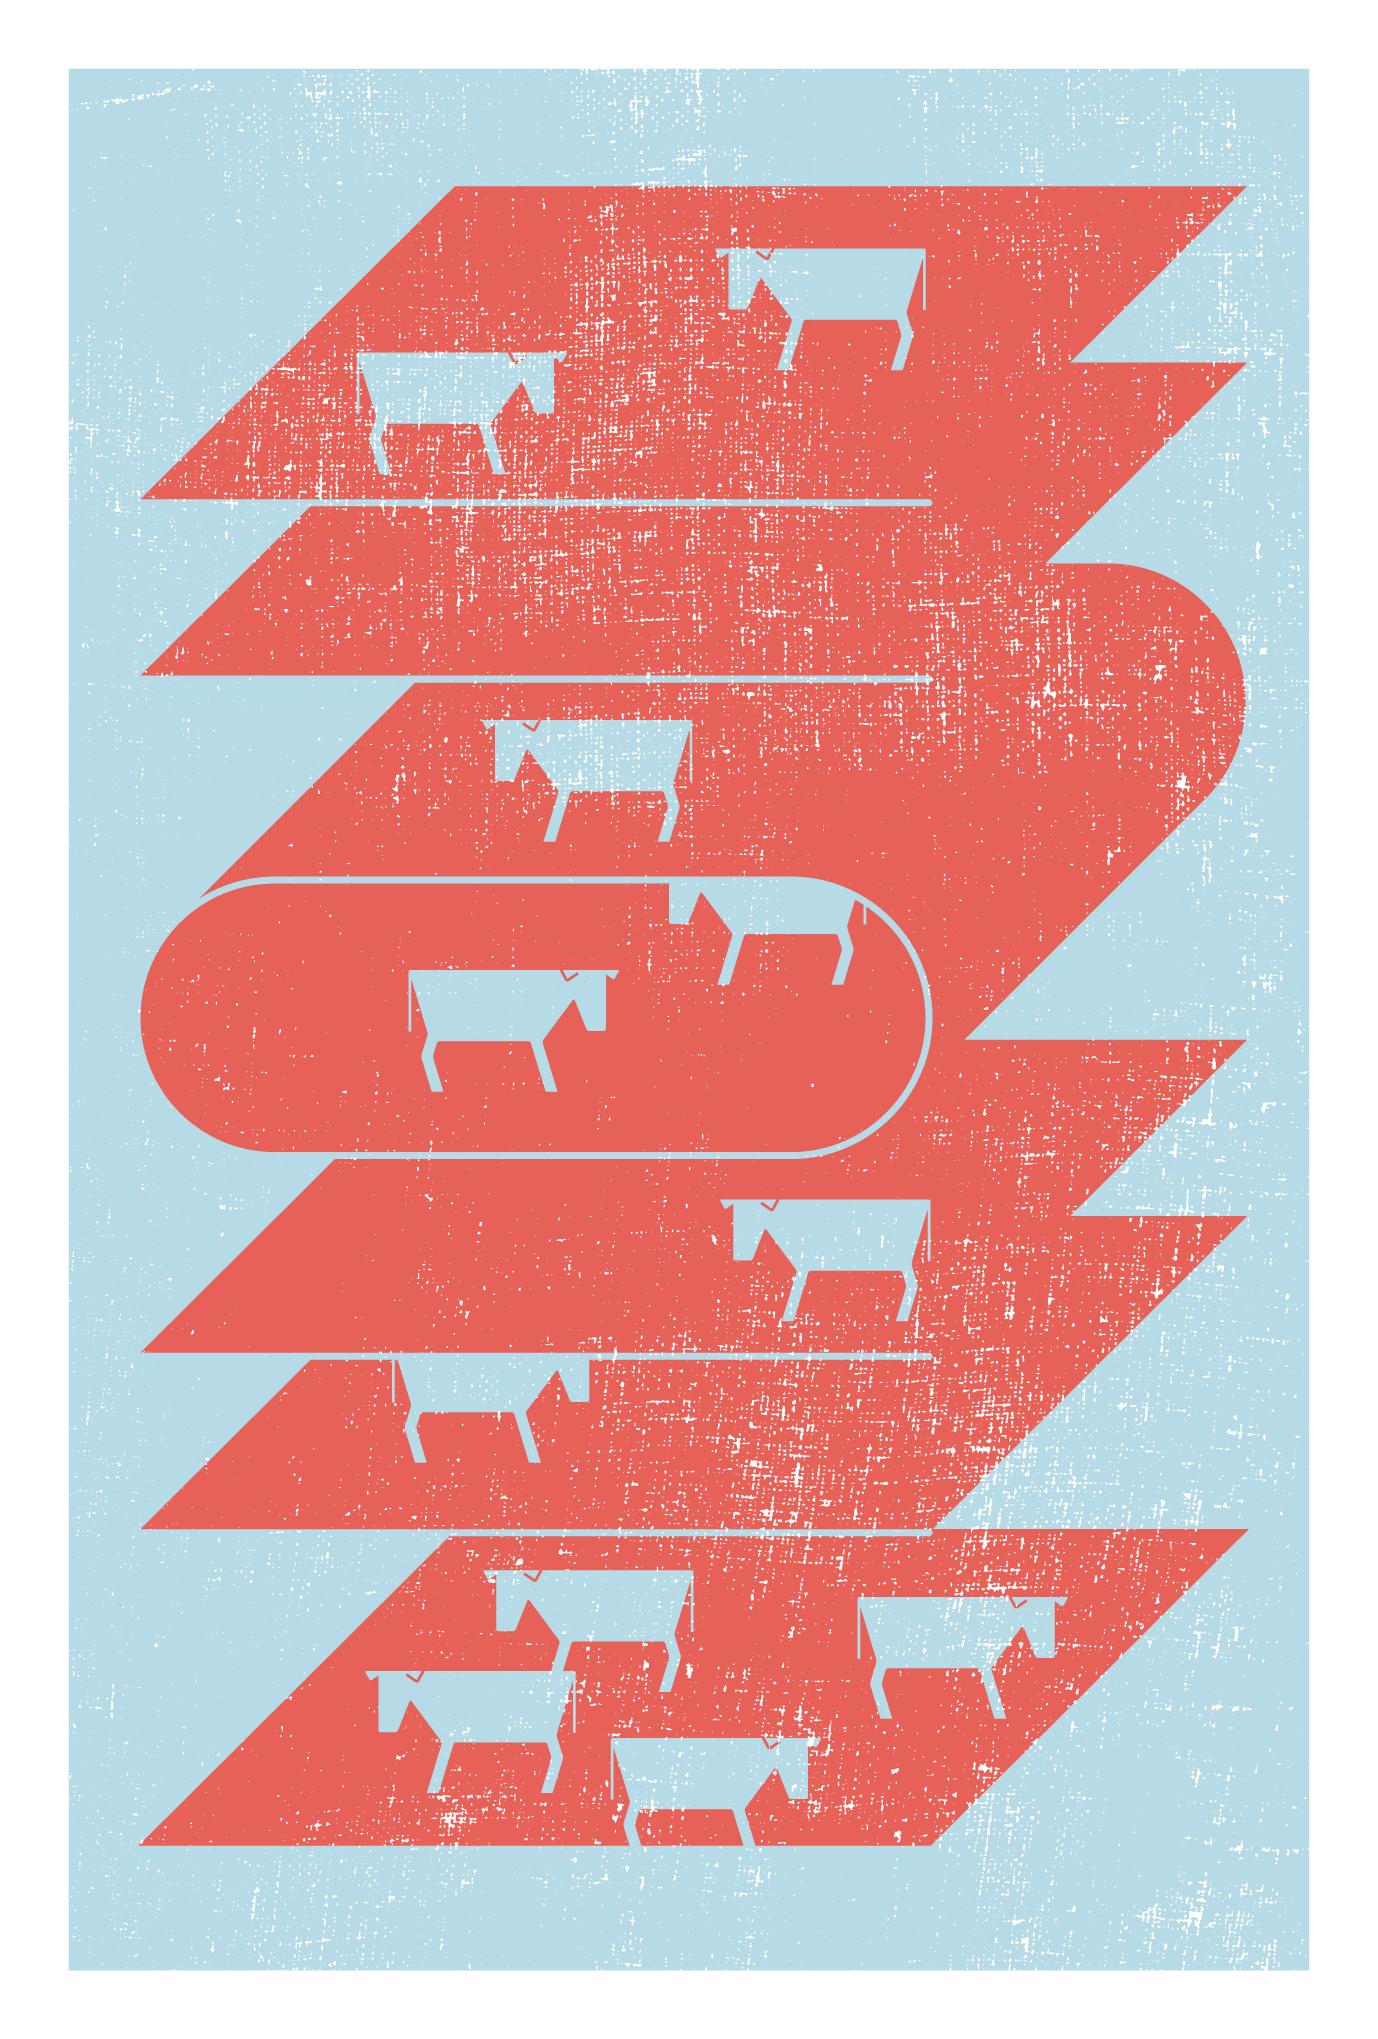 2021年賀状20-2:二〇二一と牛(緋色)のダウンロード画像